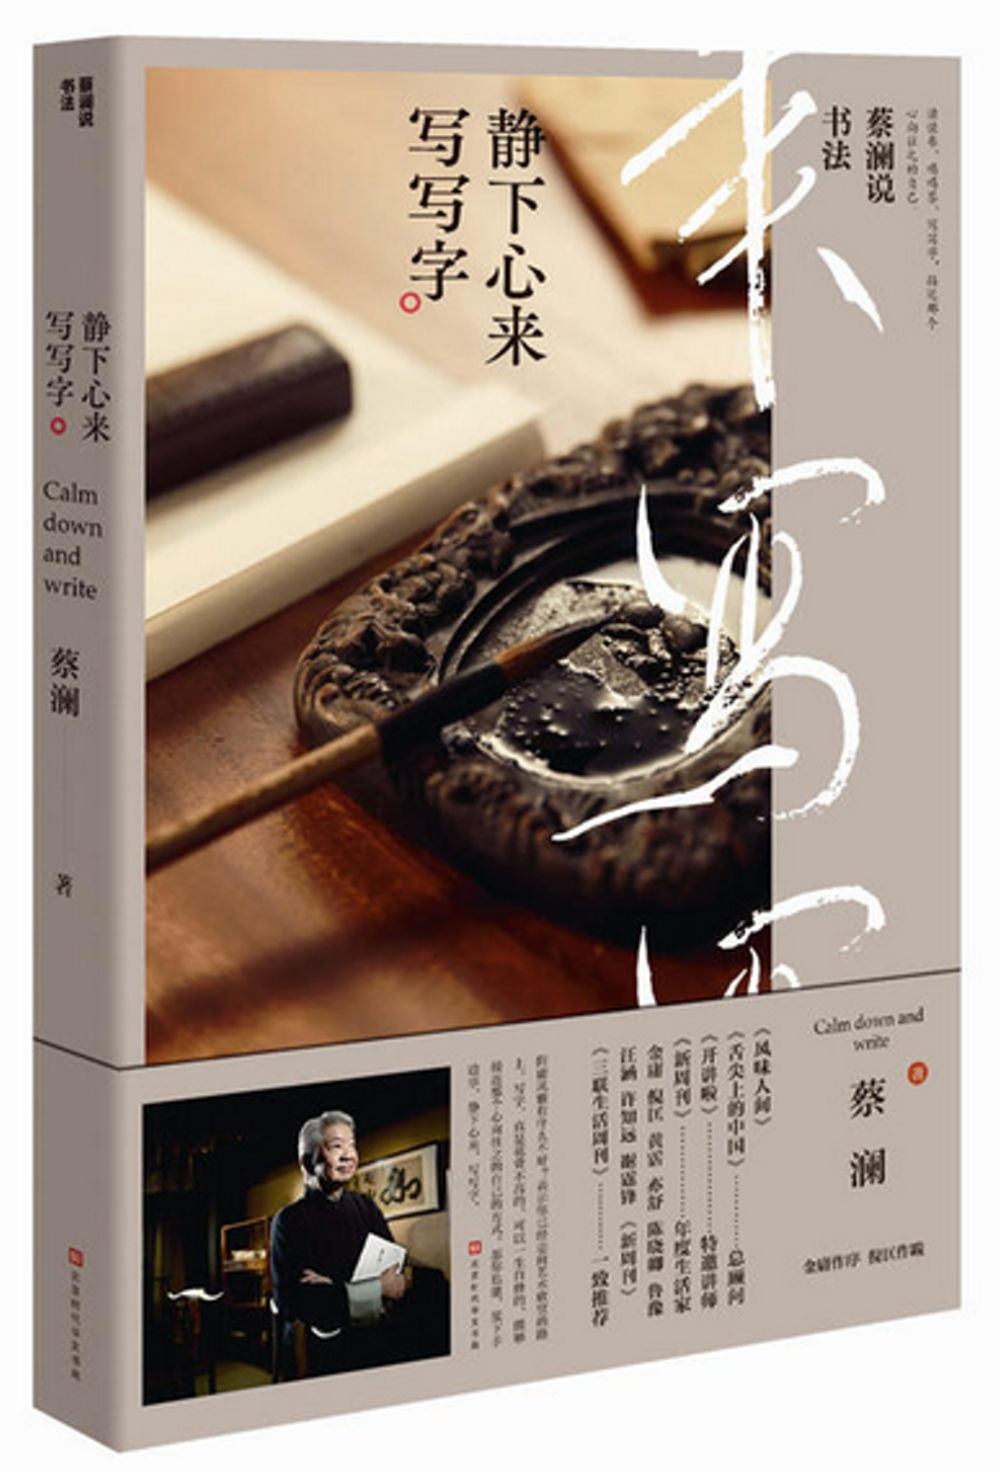 蔡瀾說書法:靜下心來寫寫字